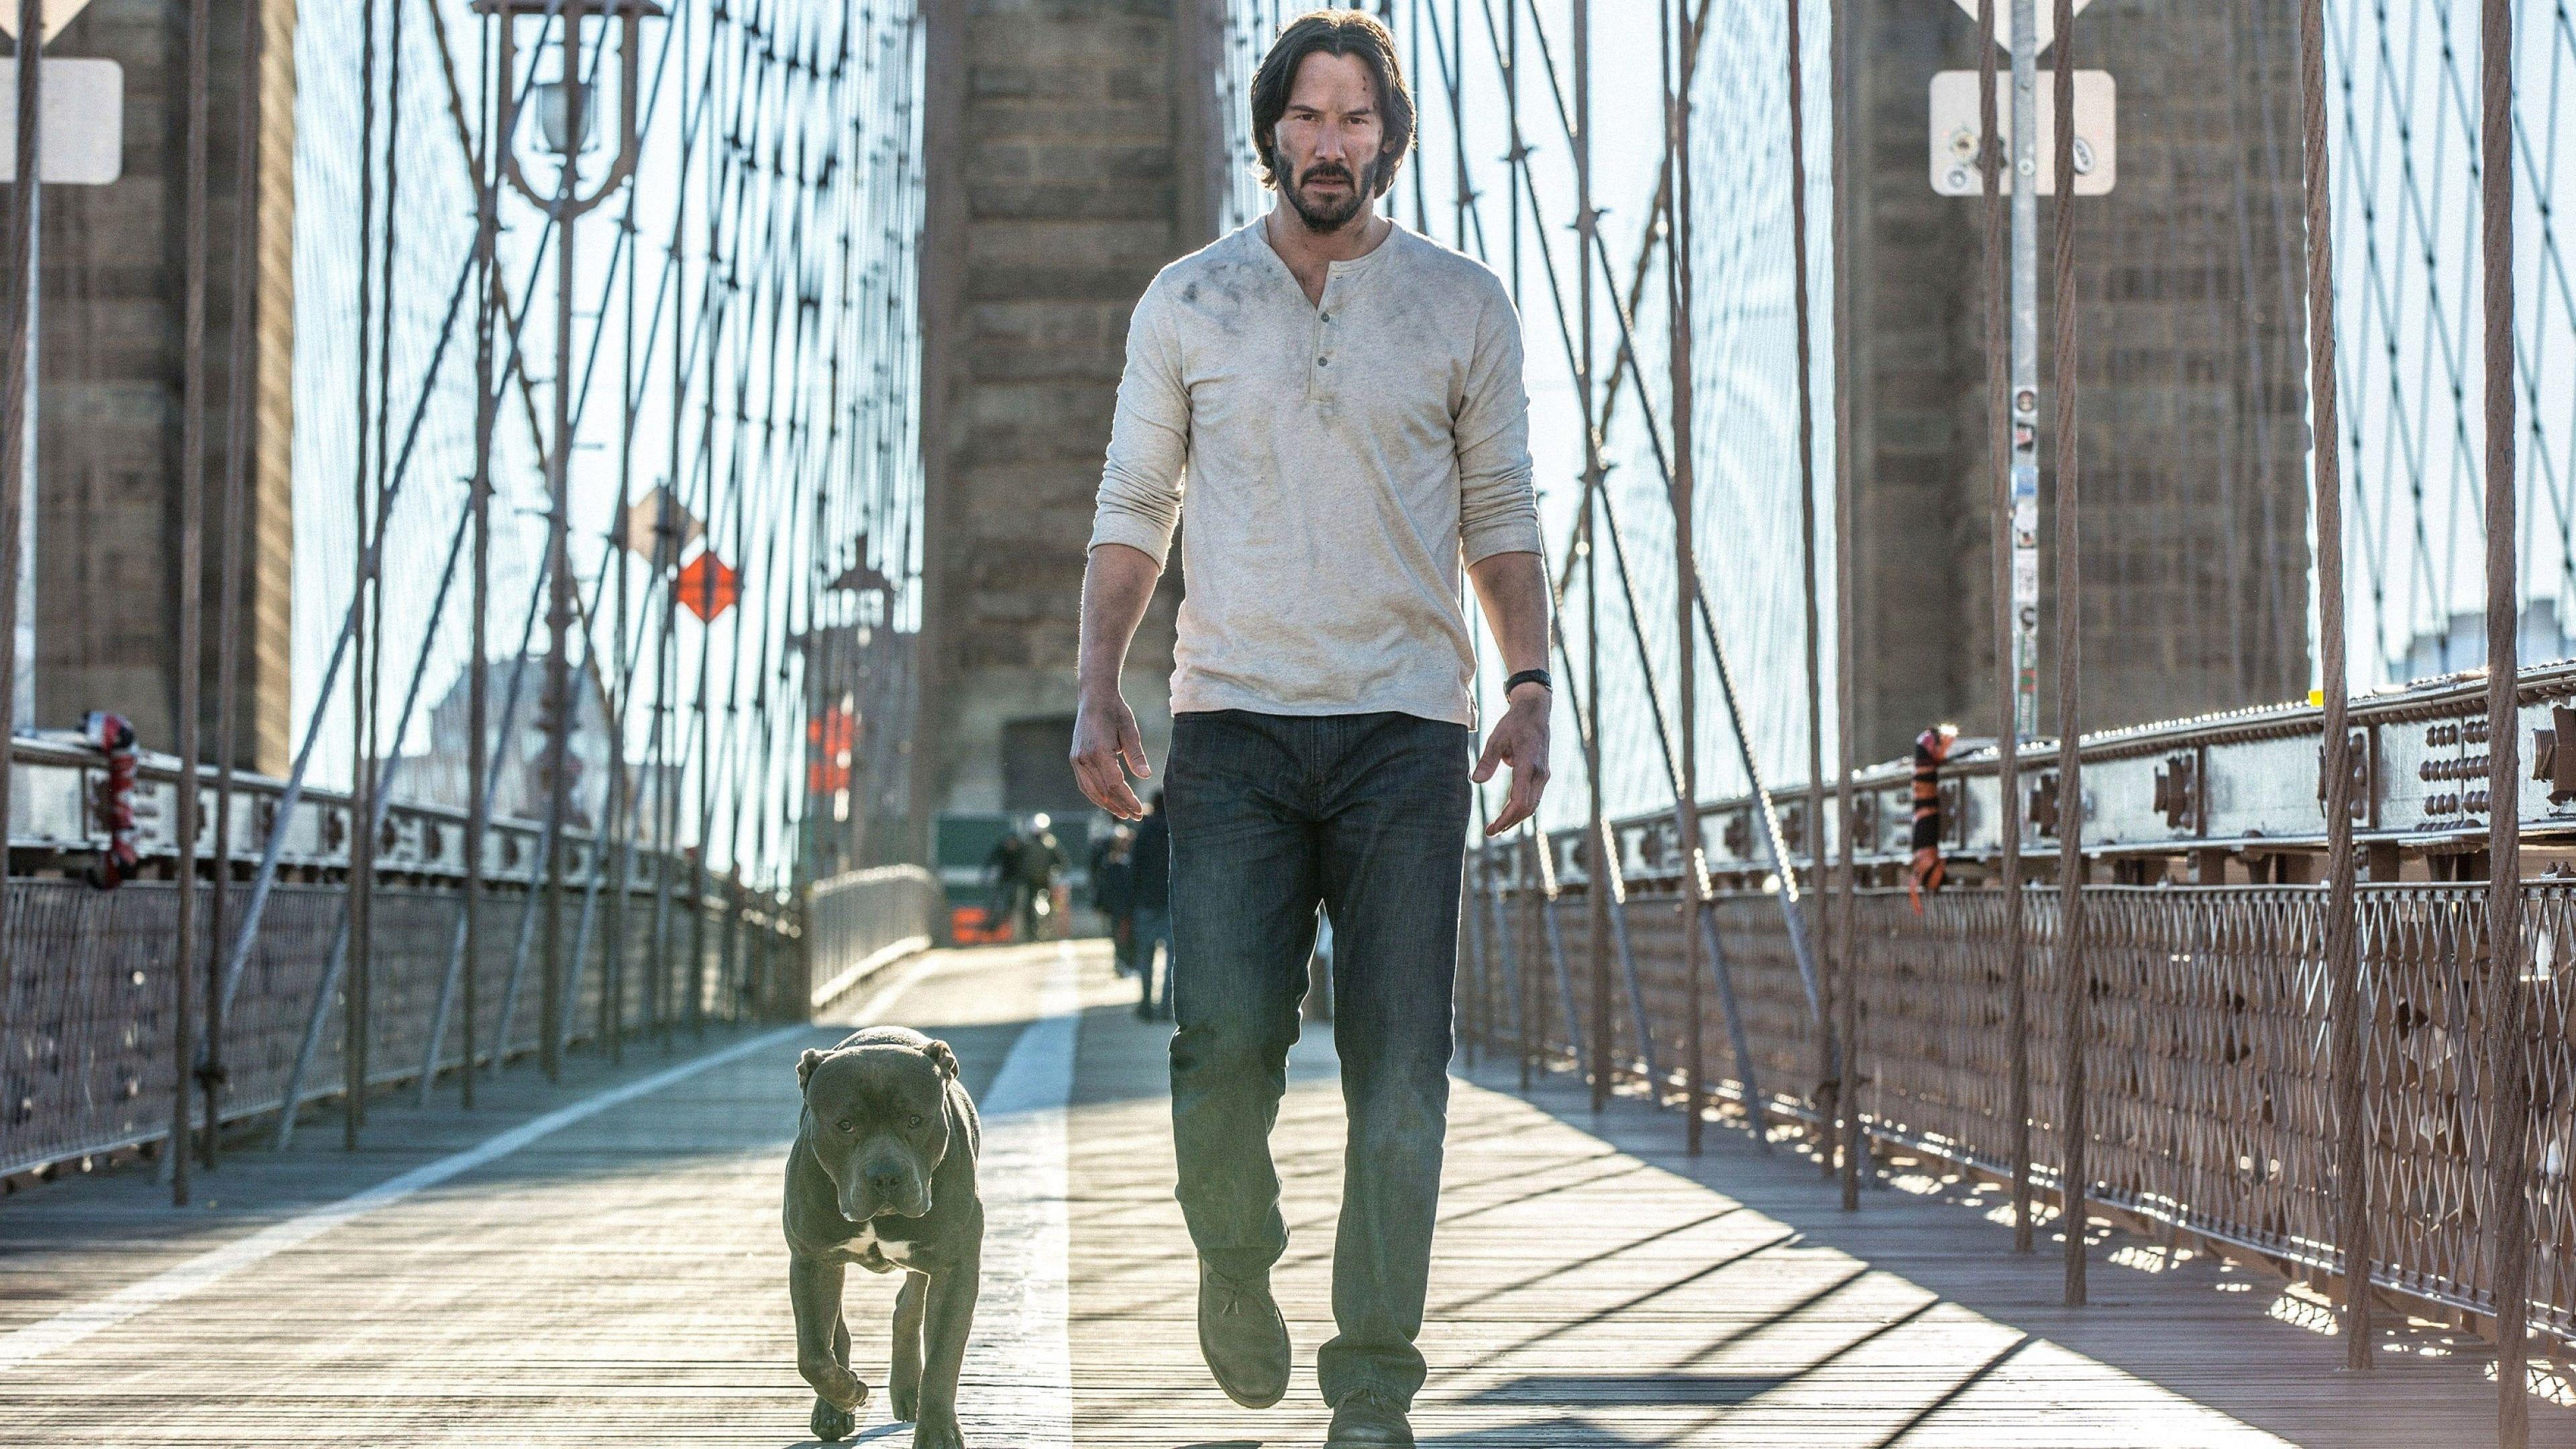 《捍衛任務3》最新畫面「殺神」基努李維出任務「把狗狗留車上」!這次終於不會再死一隻了⋯⋯ 嗎?